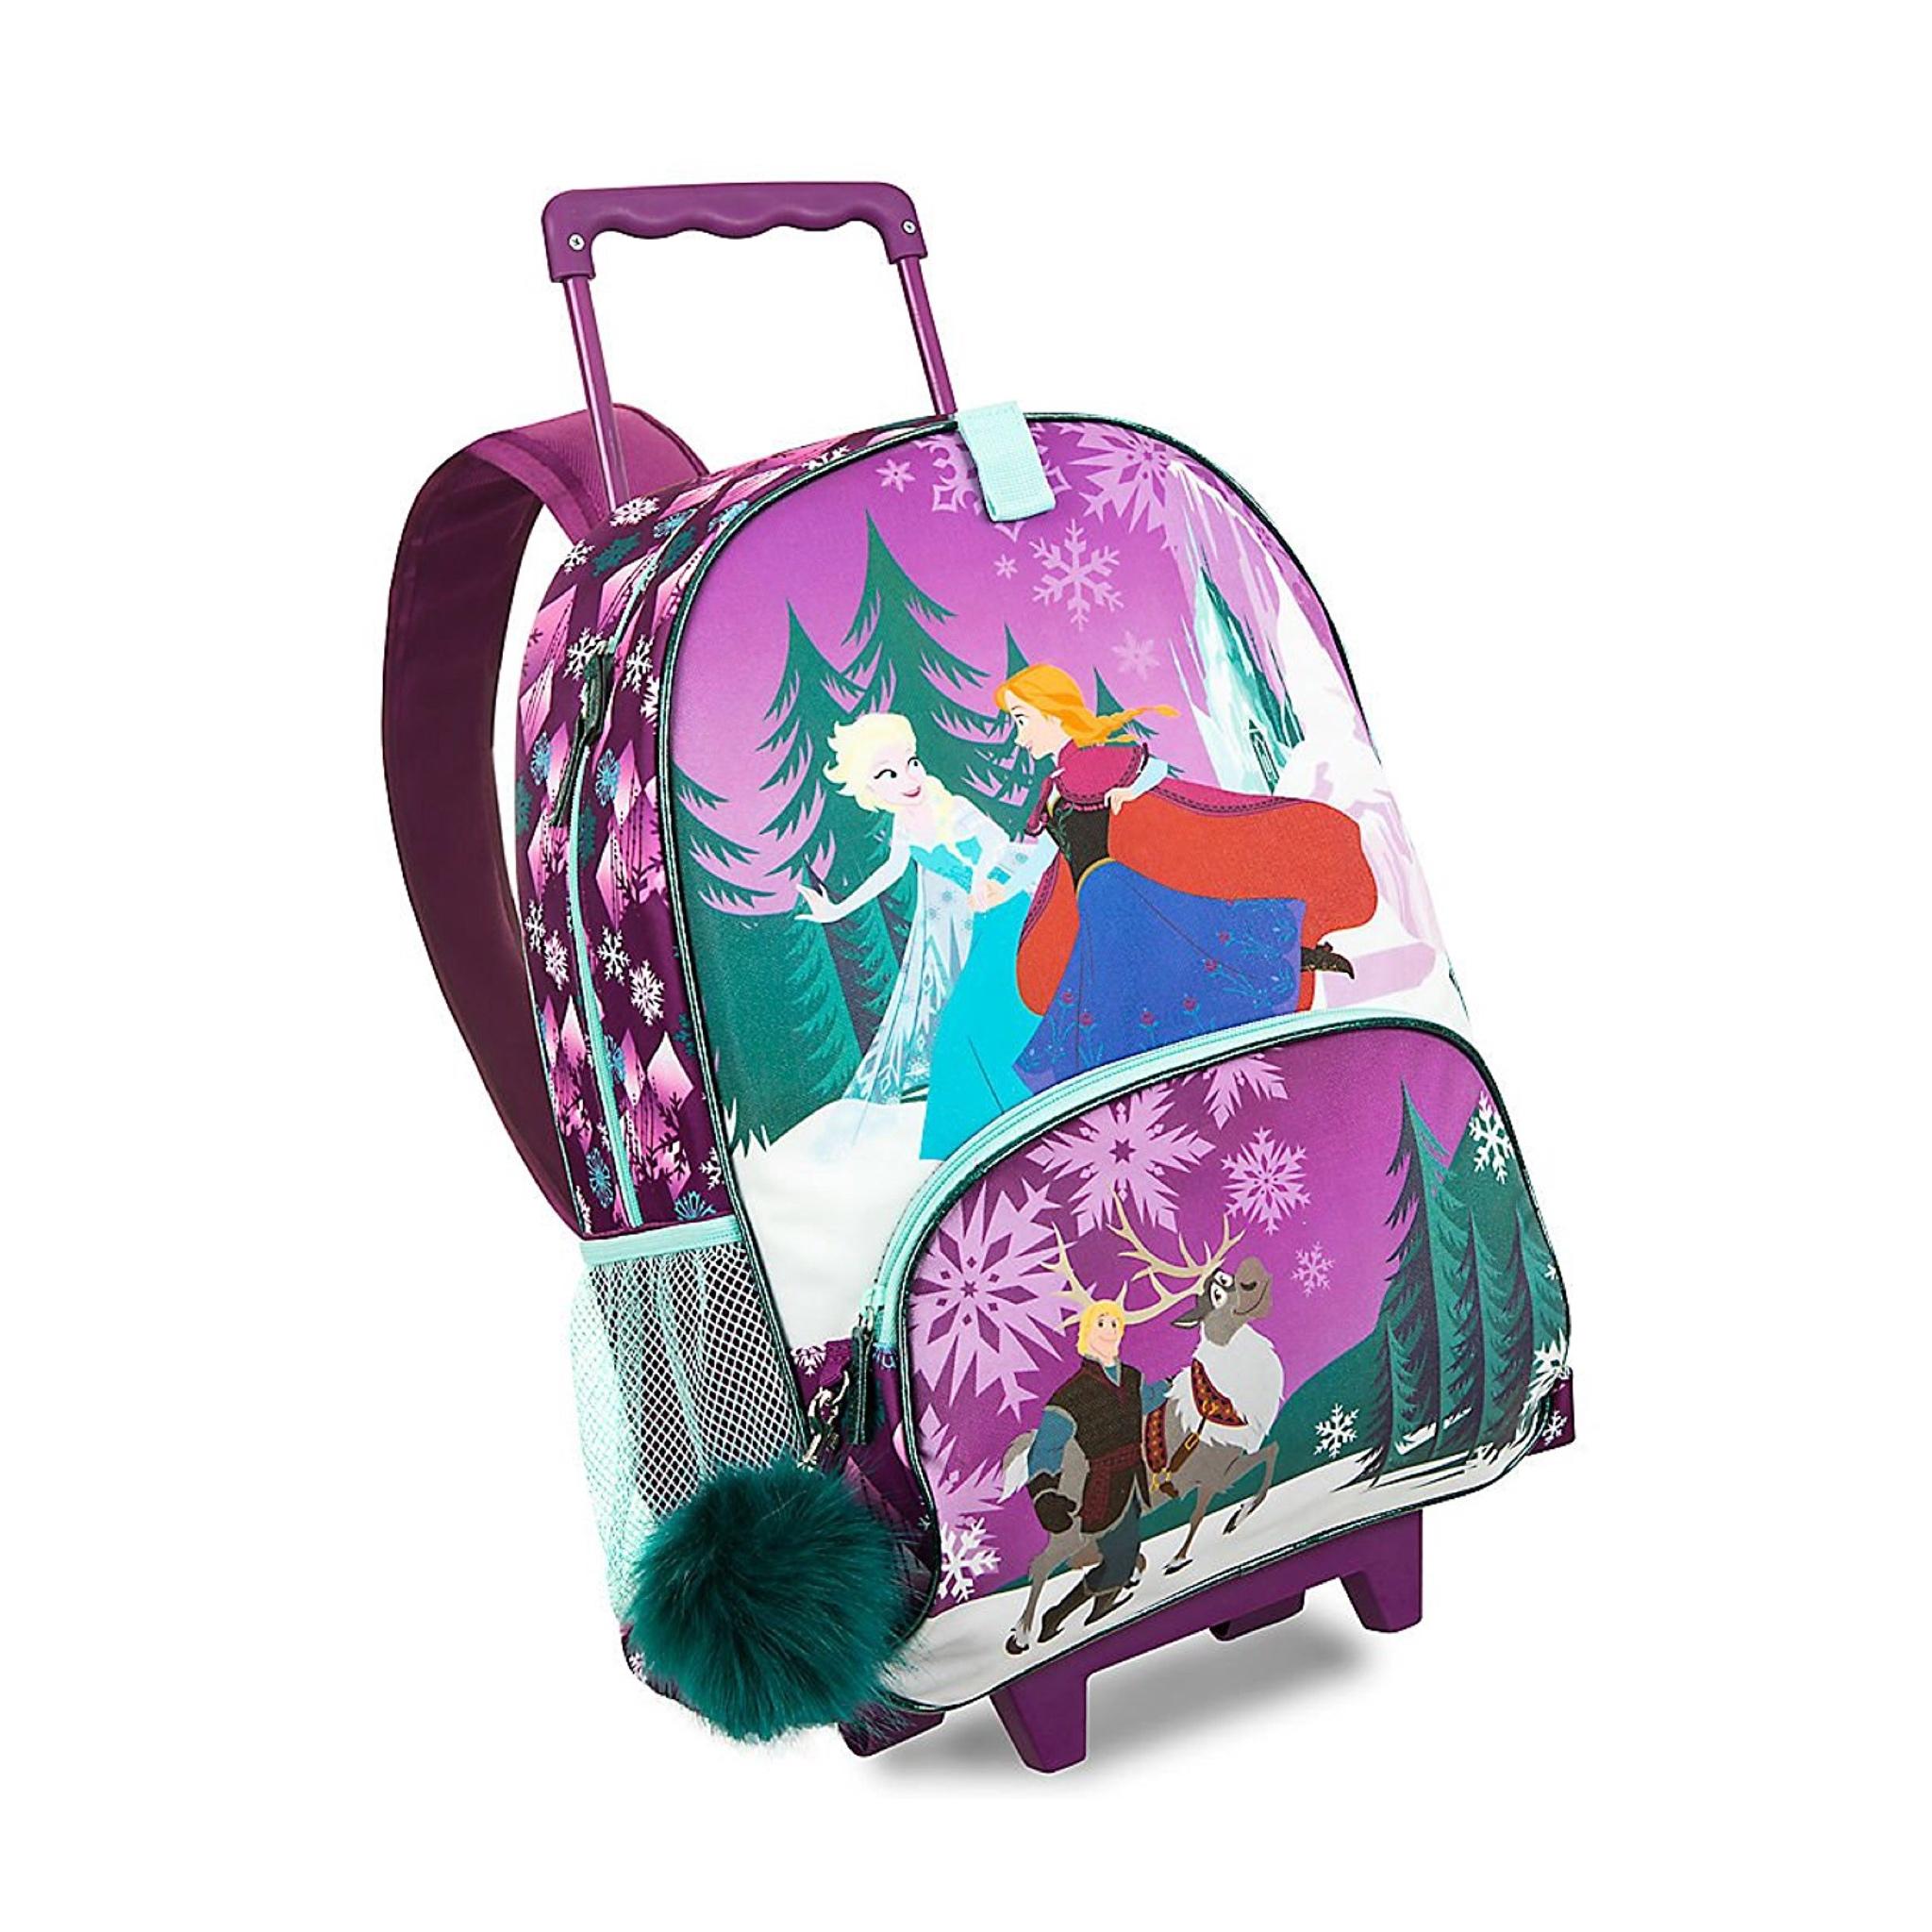 กระเป๋าสะพายพร้อมมือจับและล้อลาก Disney Rolling Backpack (Frozen)